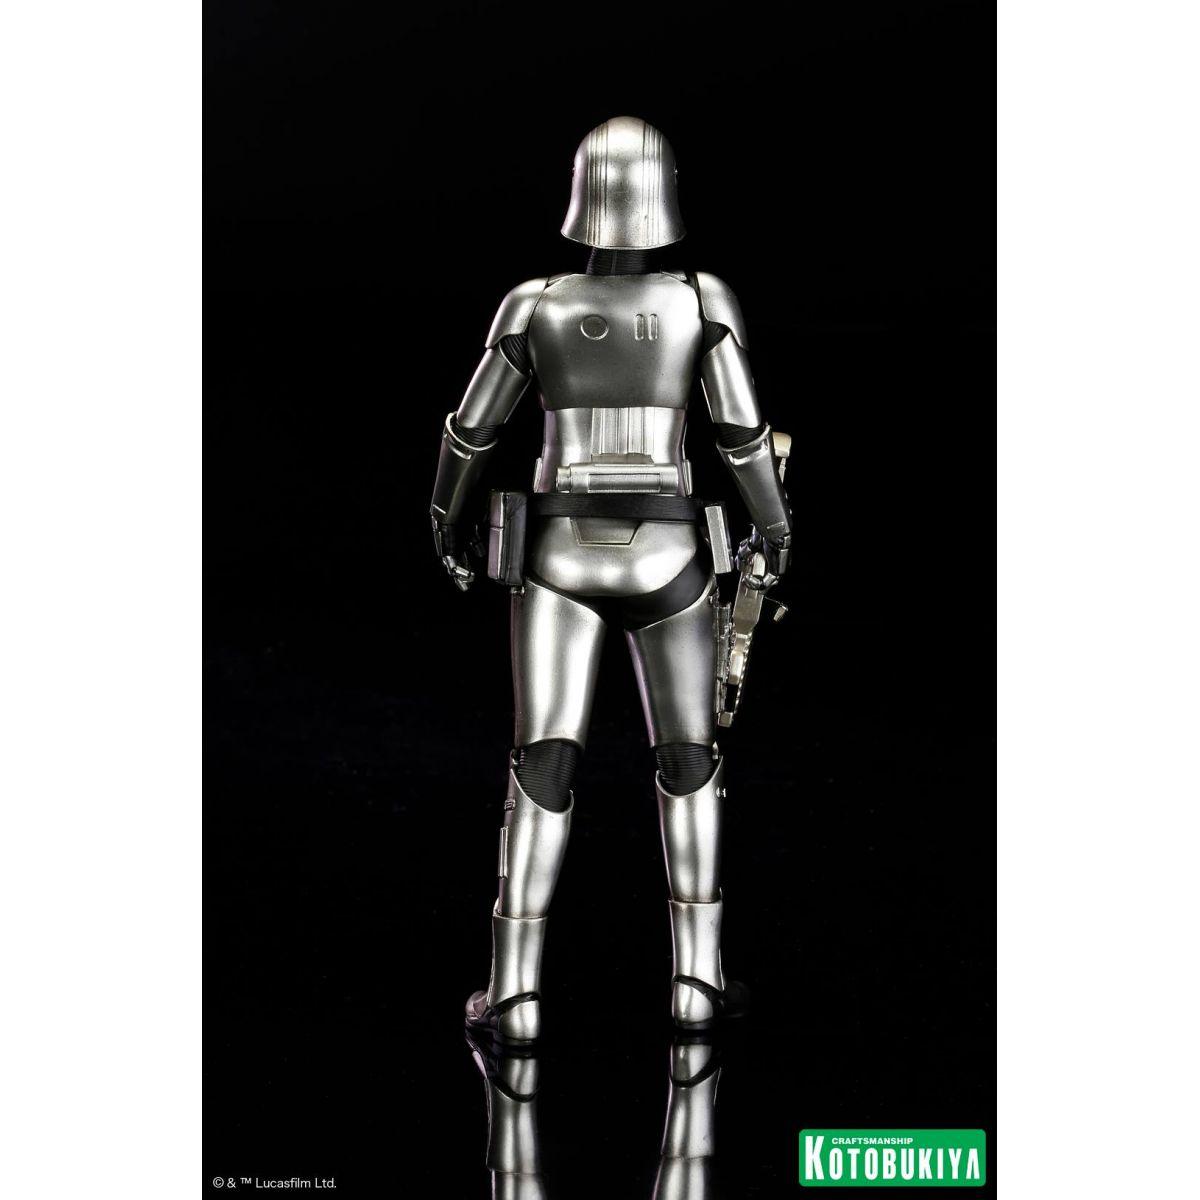 Star Wars ArtFX+ Statues: Captain Phasma - Kotobukiya